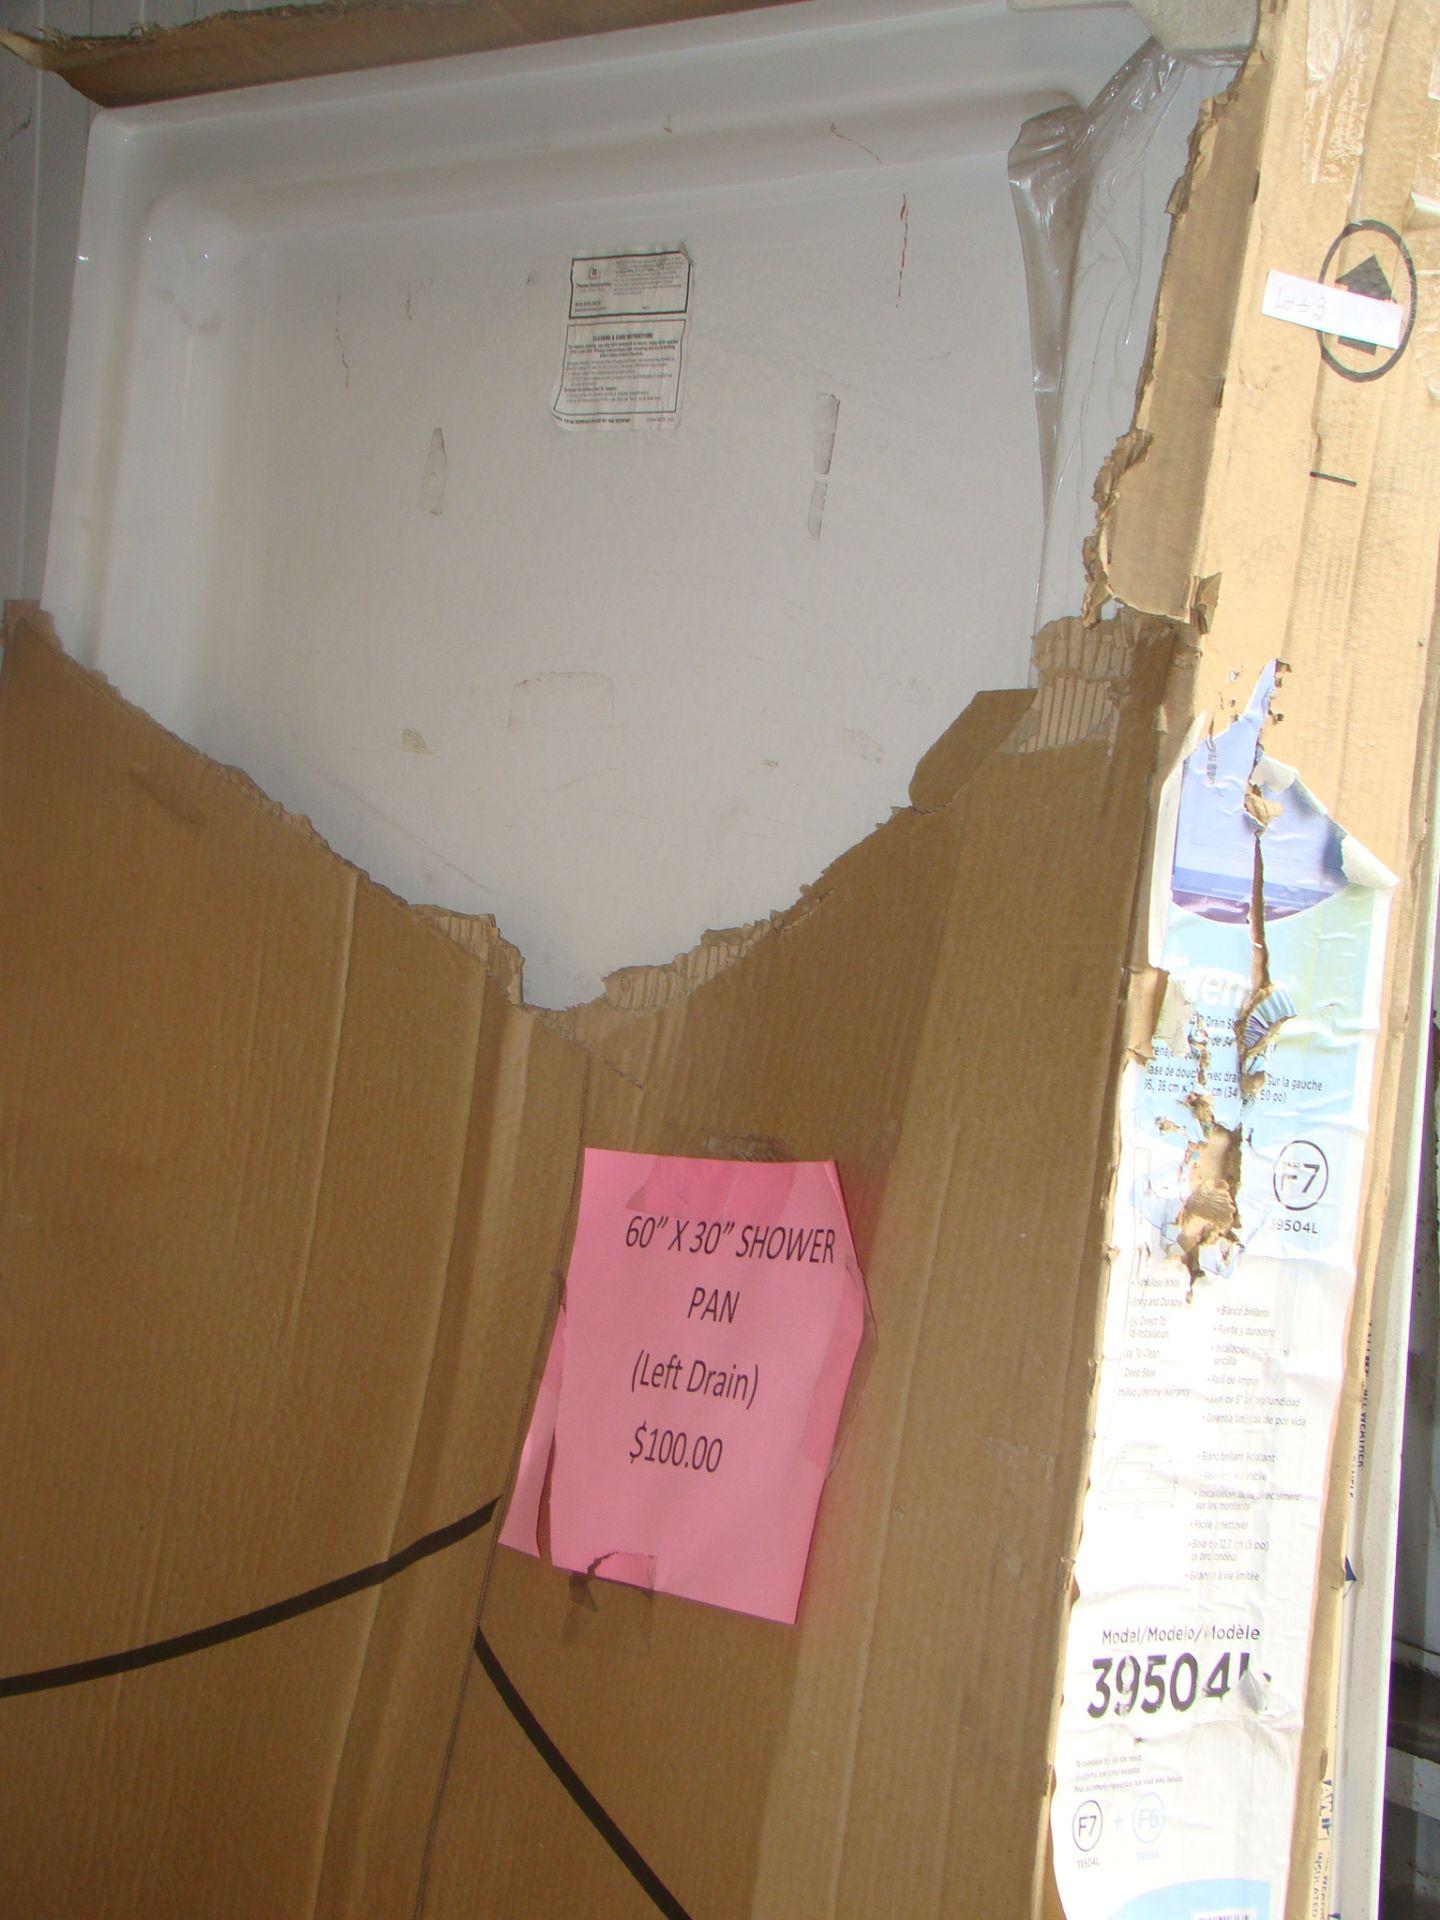 """Lot 3 - 34"""" x 60"""" Firenze High Gloss White Shower Base left drain Model 39504L"""